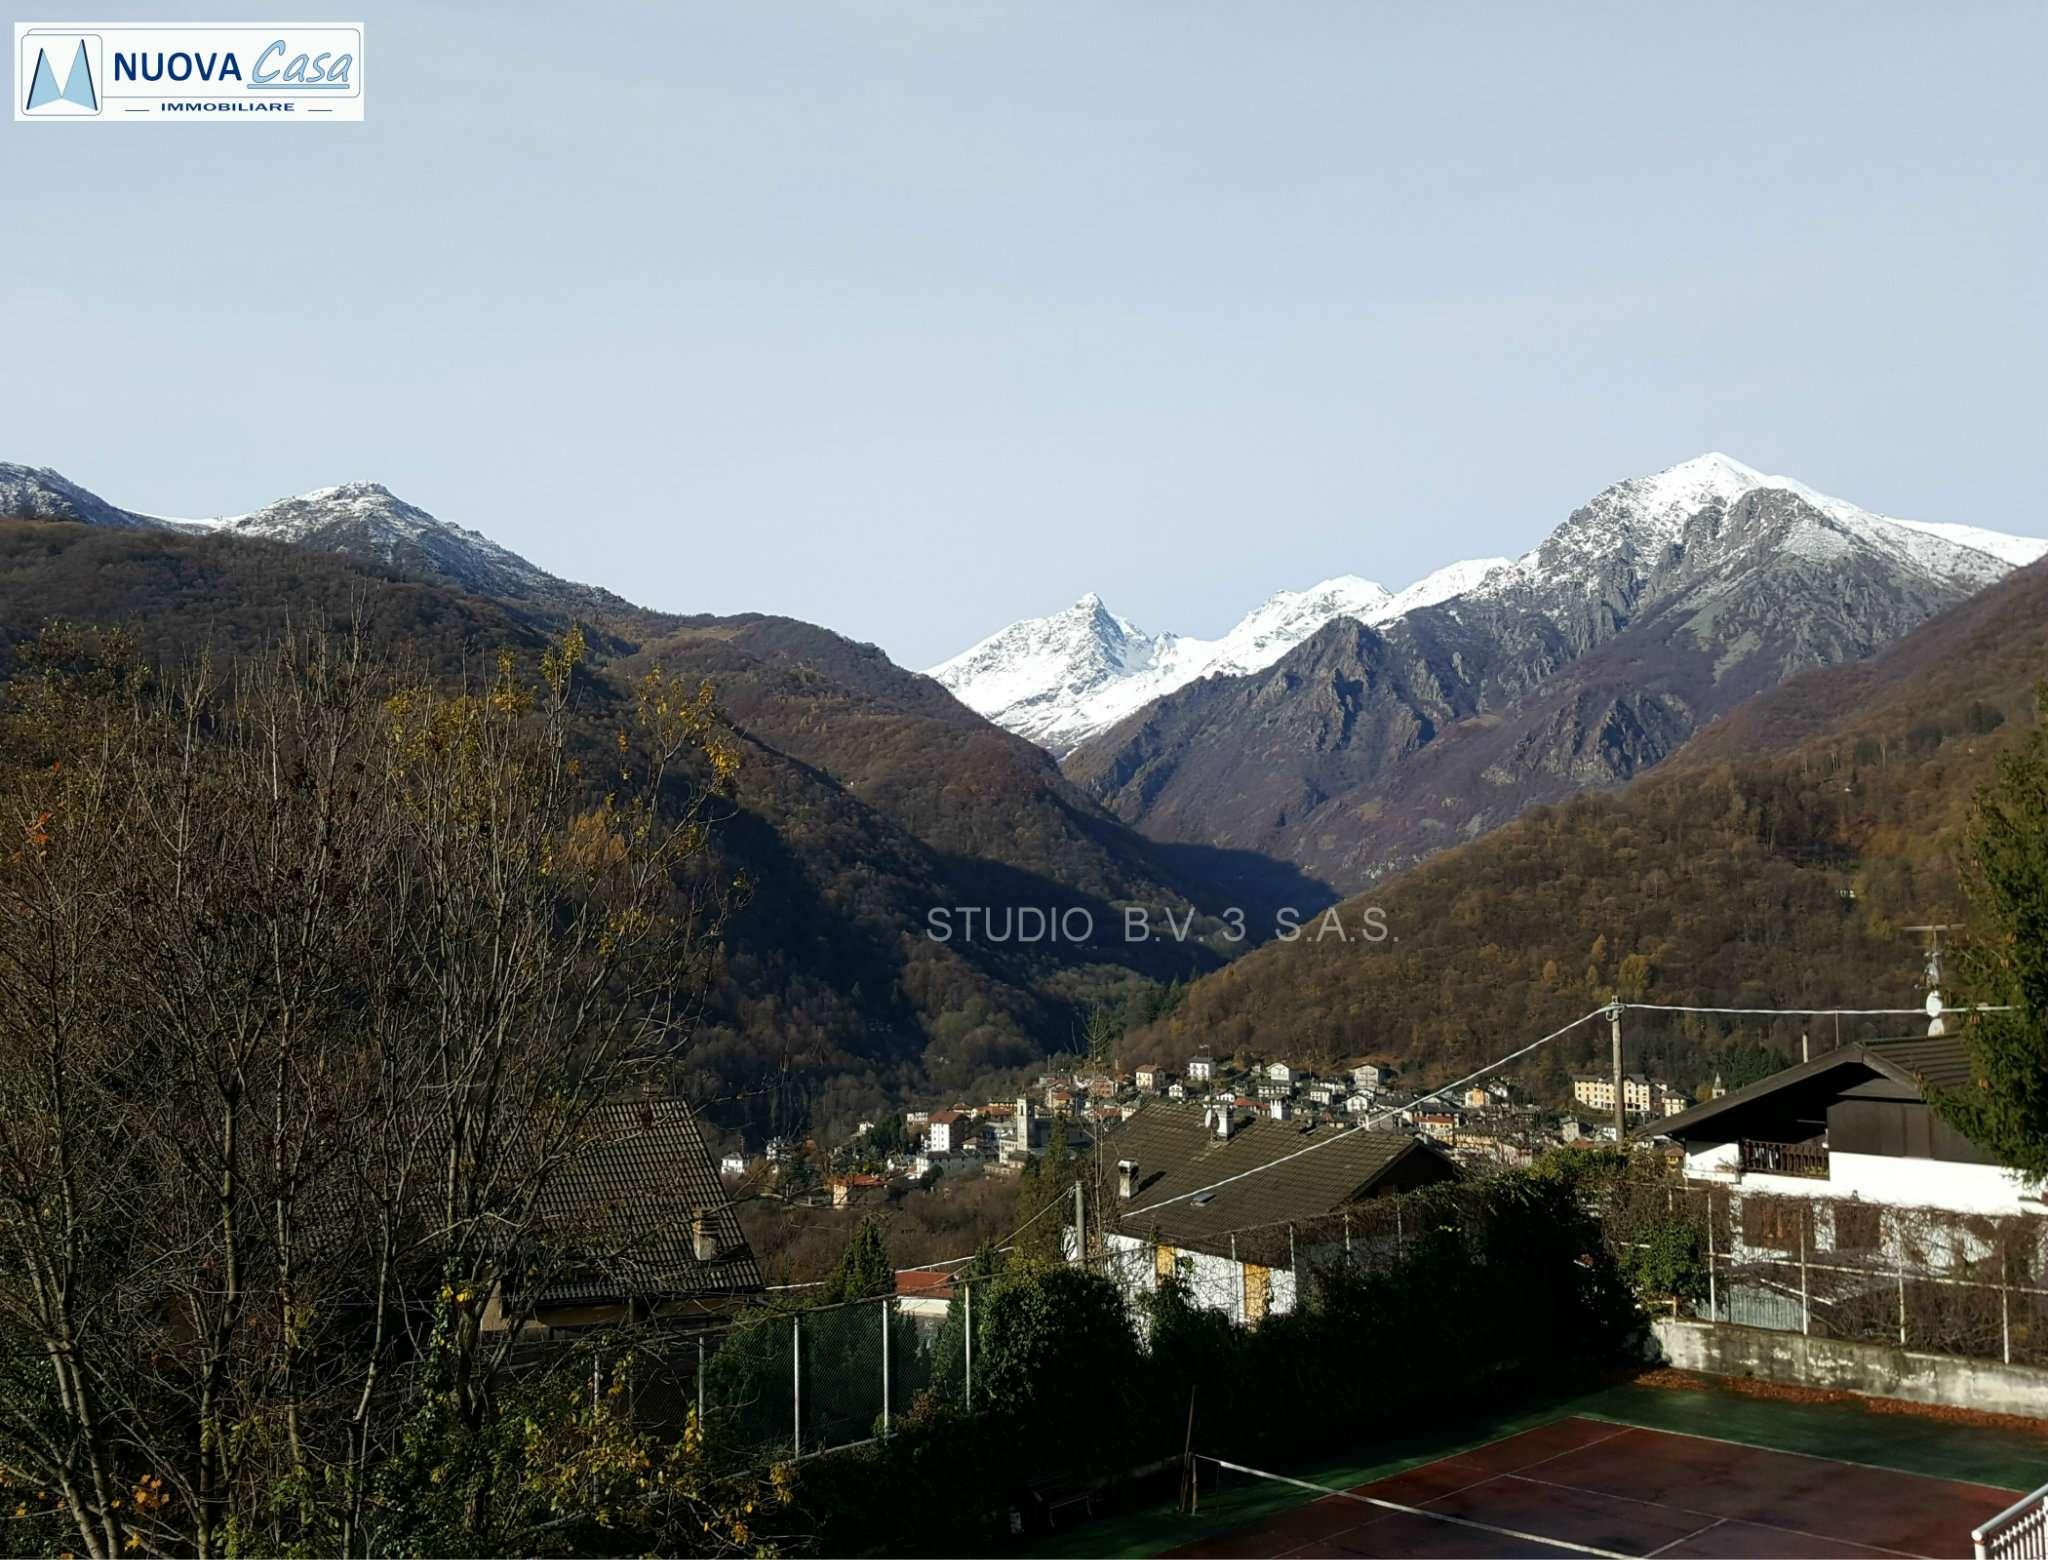 Appartamento in vendita a Ceres, 3 locali, prezzo € 42.000 | CambioCasa.it